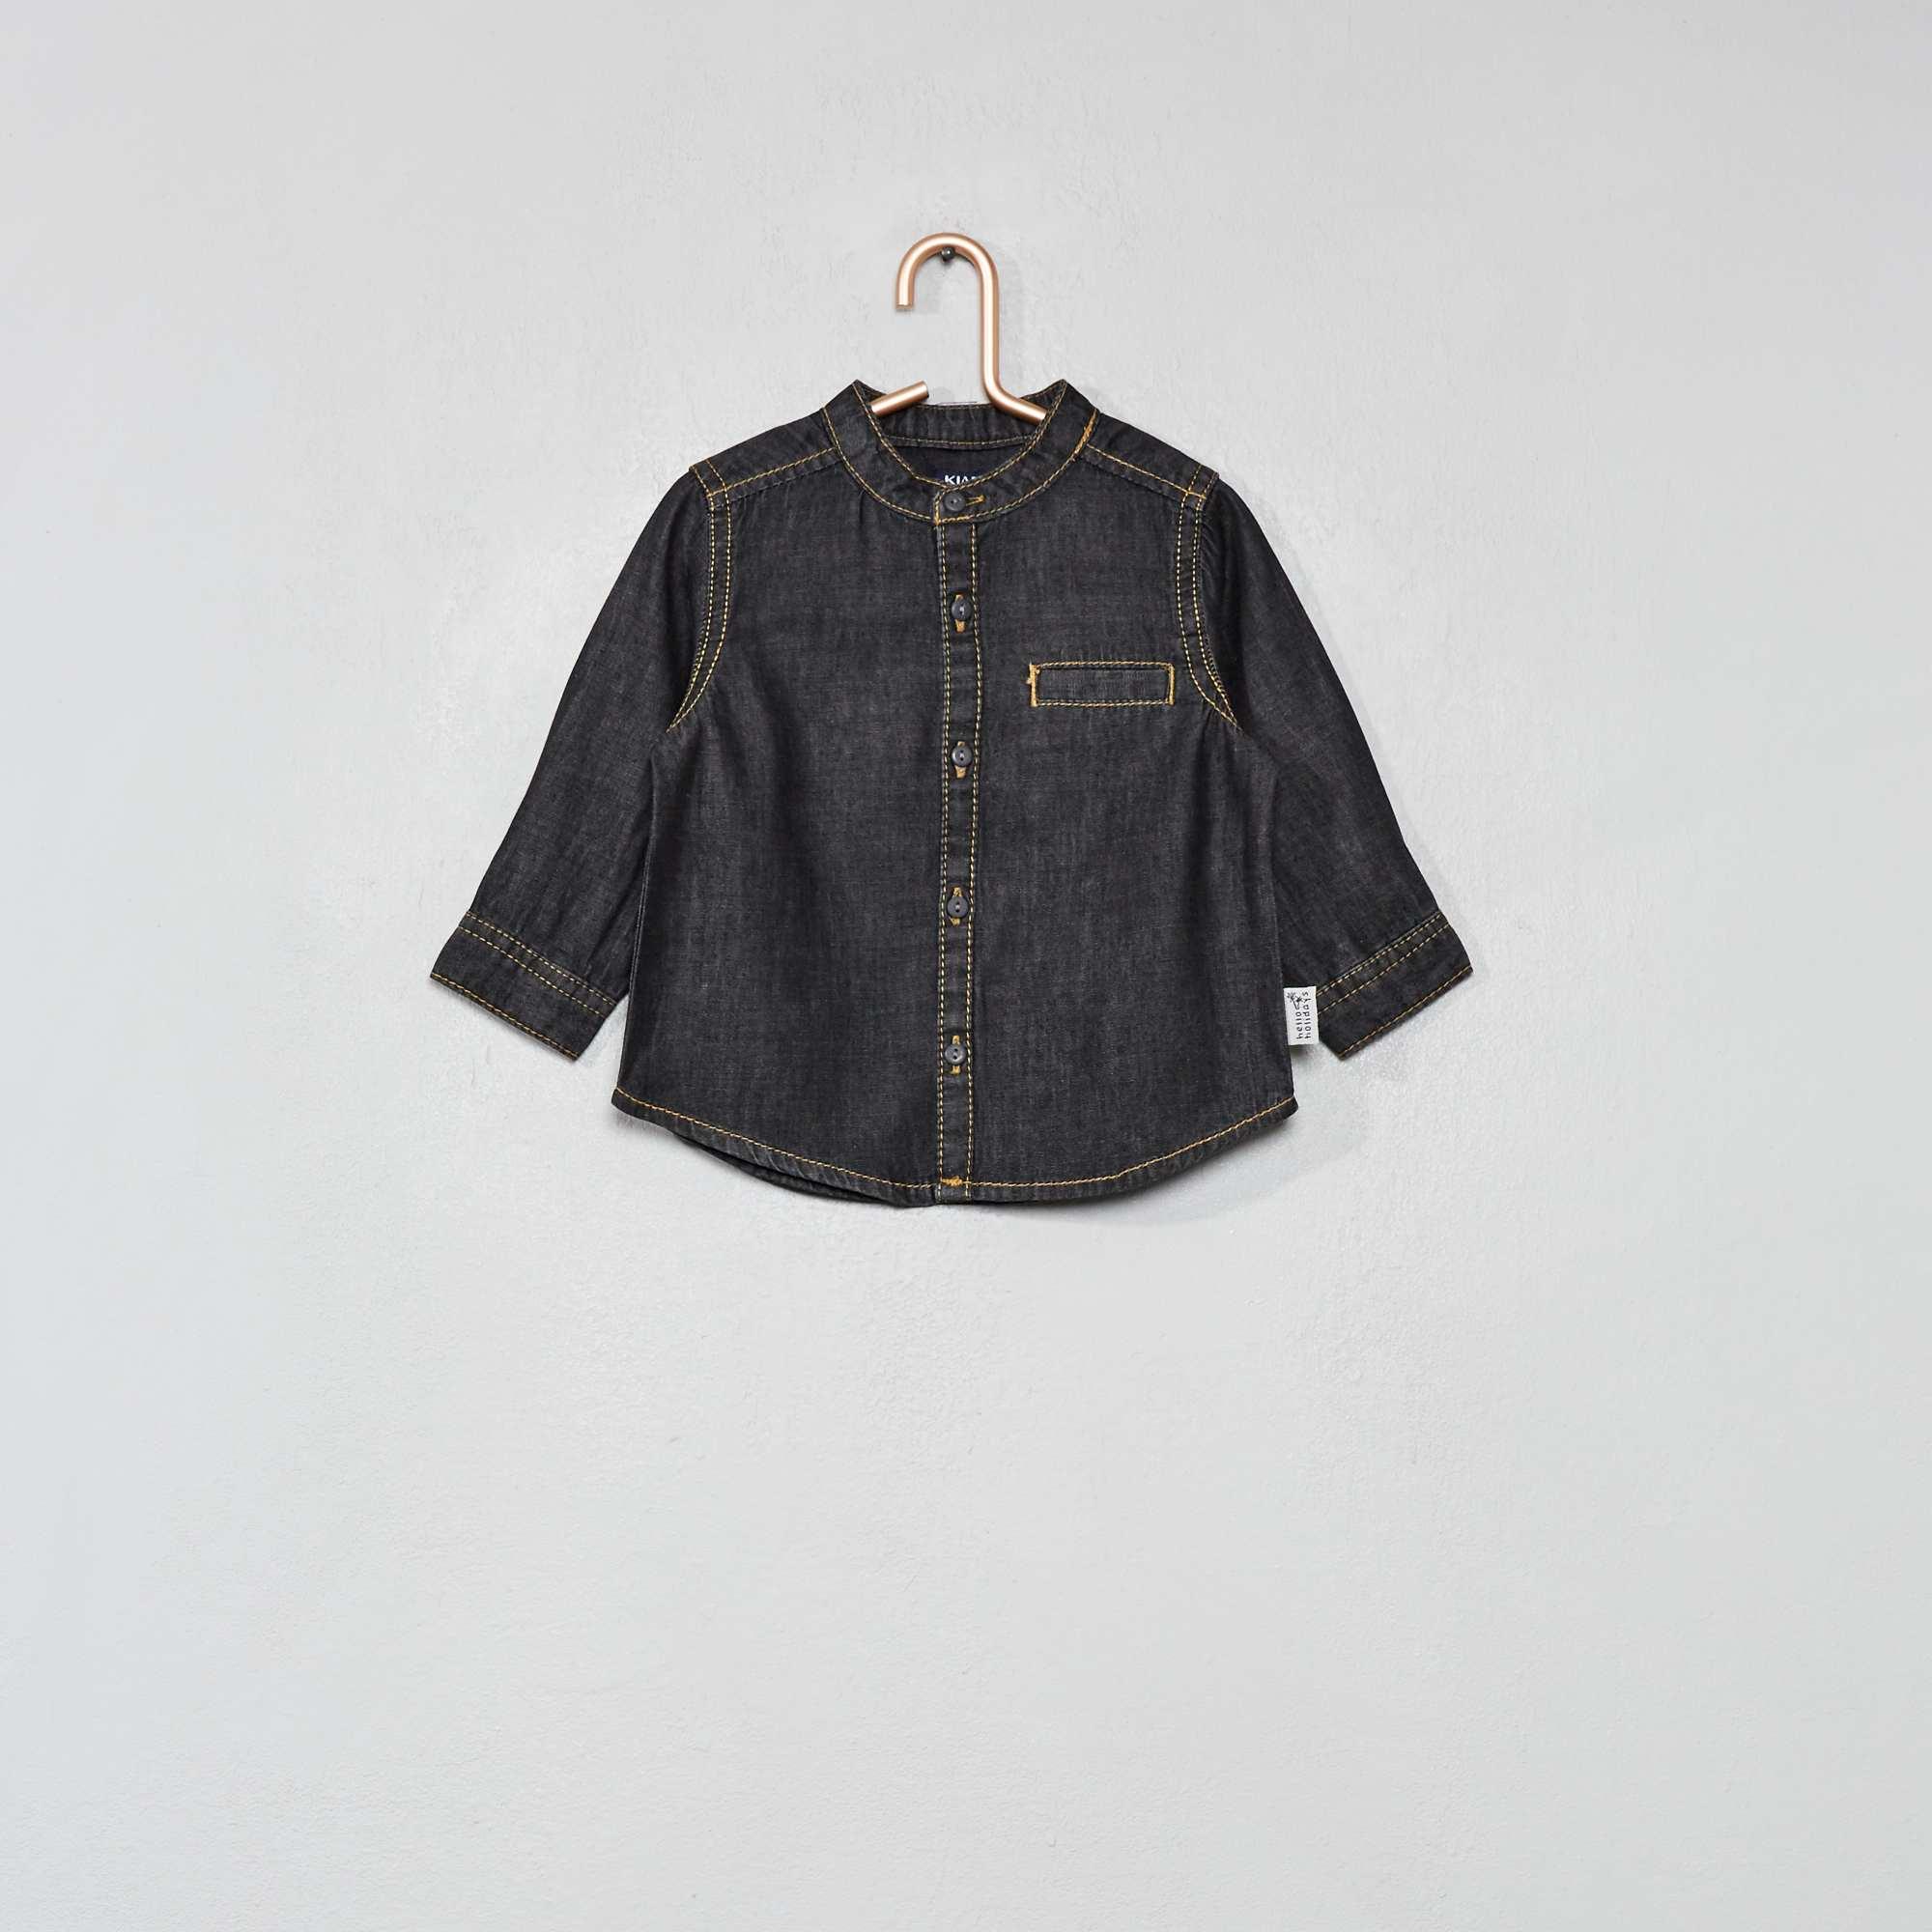 3a45a95338 Camisa vaquera con cuello redondo Bebé niño - BLANCO - Kiabi - 7